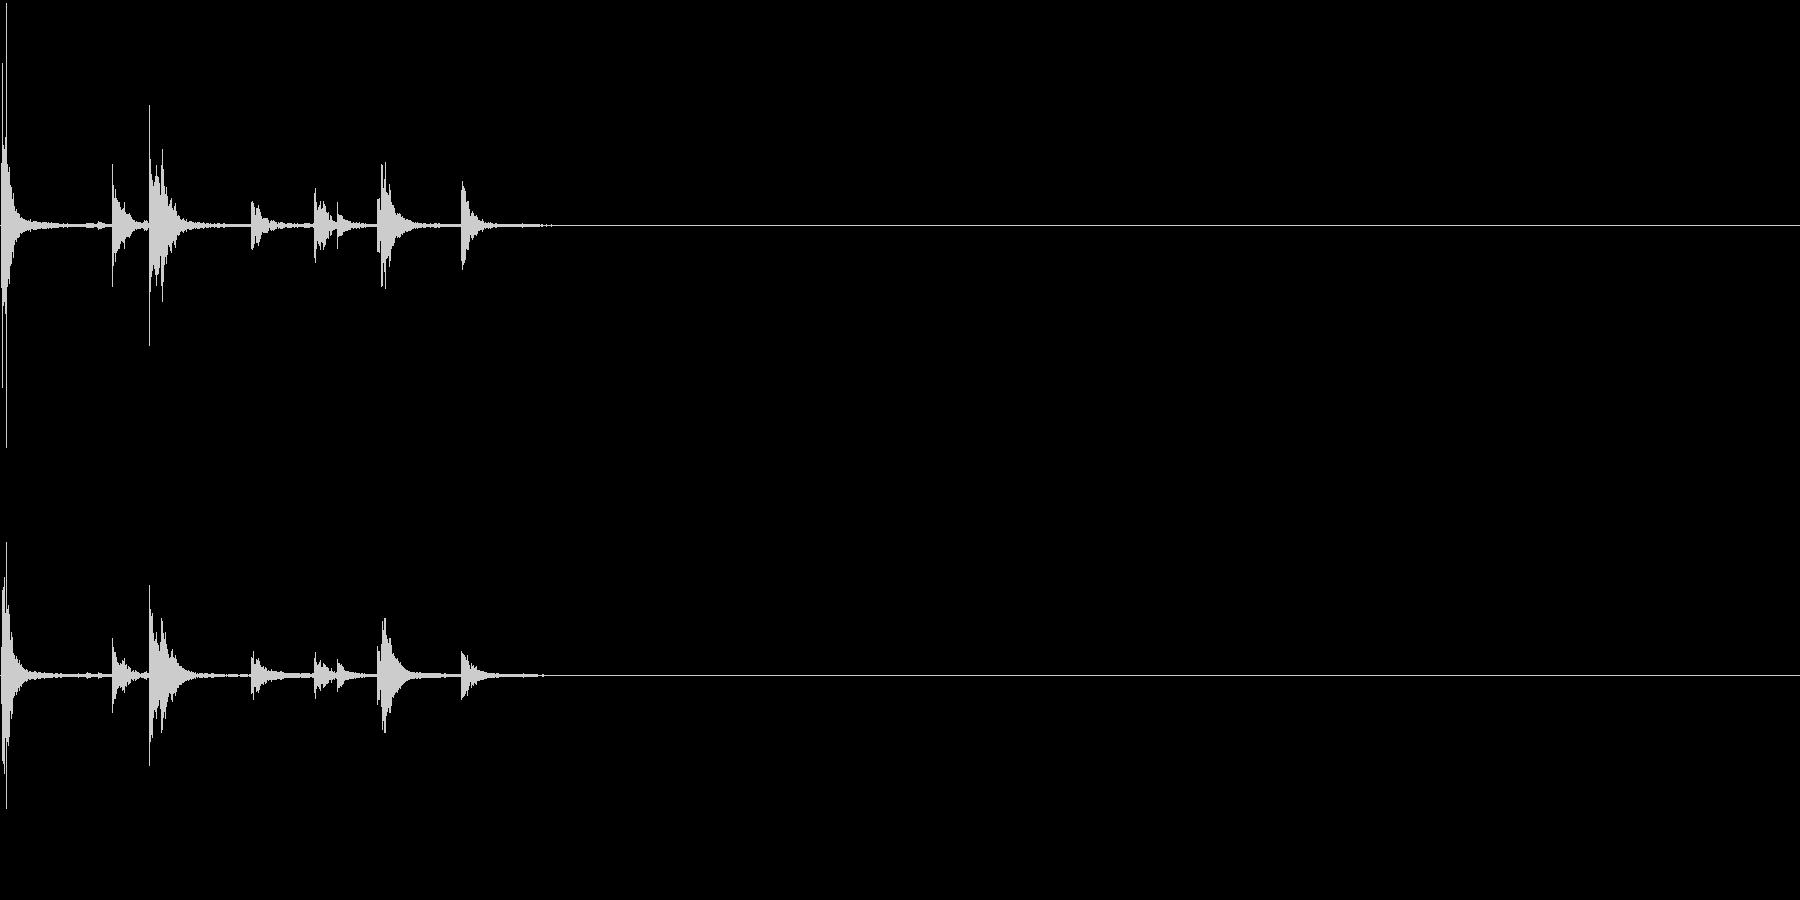 【生録音】手錠の音 カチャカチャ 3の未再生の波形